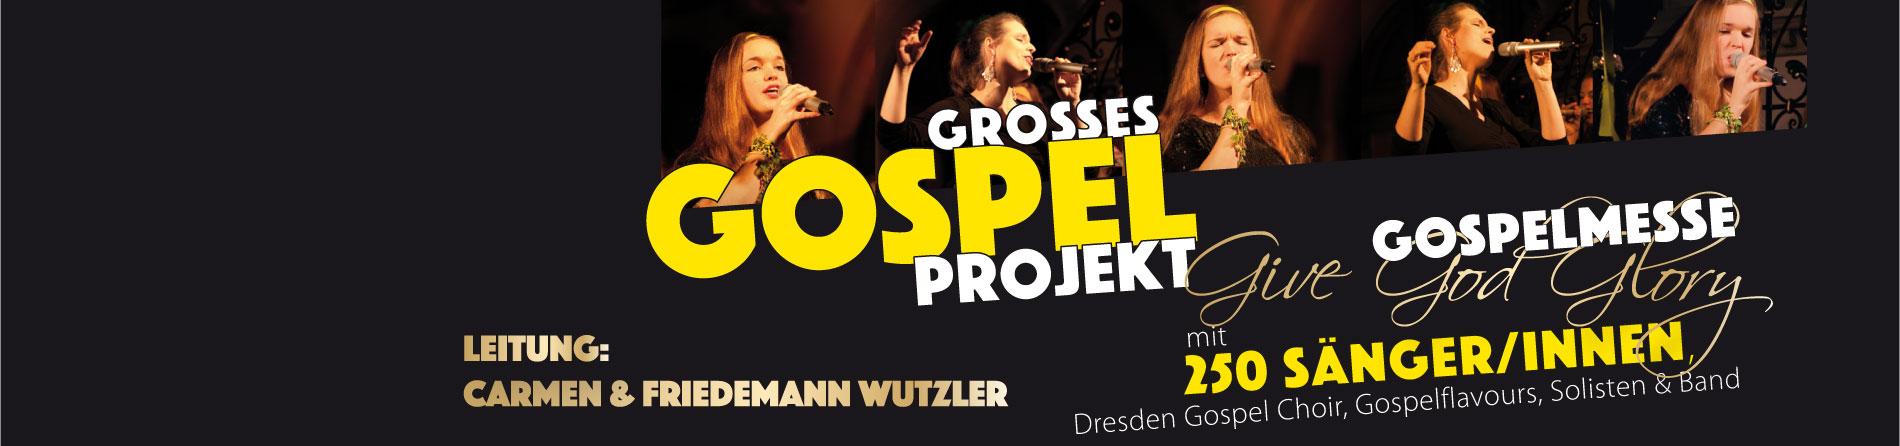 Jetzt anmelden! , Singen Sie die Gospelmesse Give God Glory unter unserer Leitung